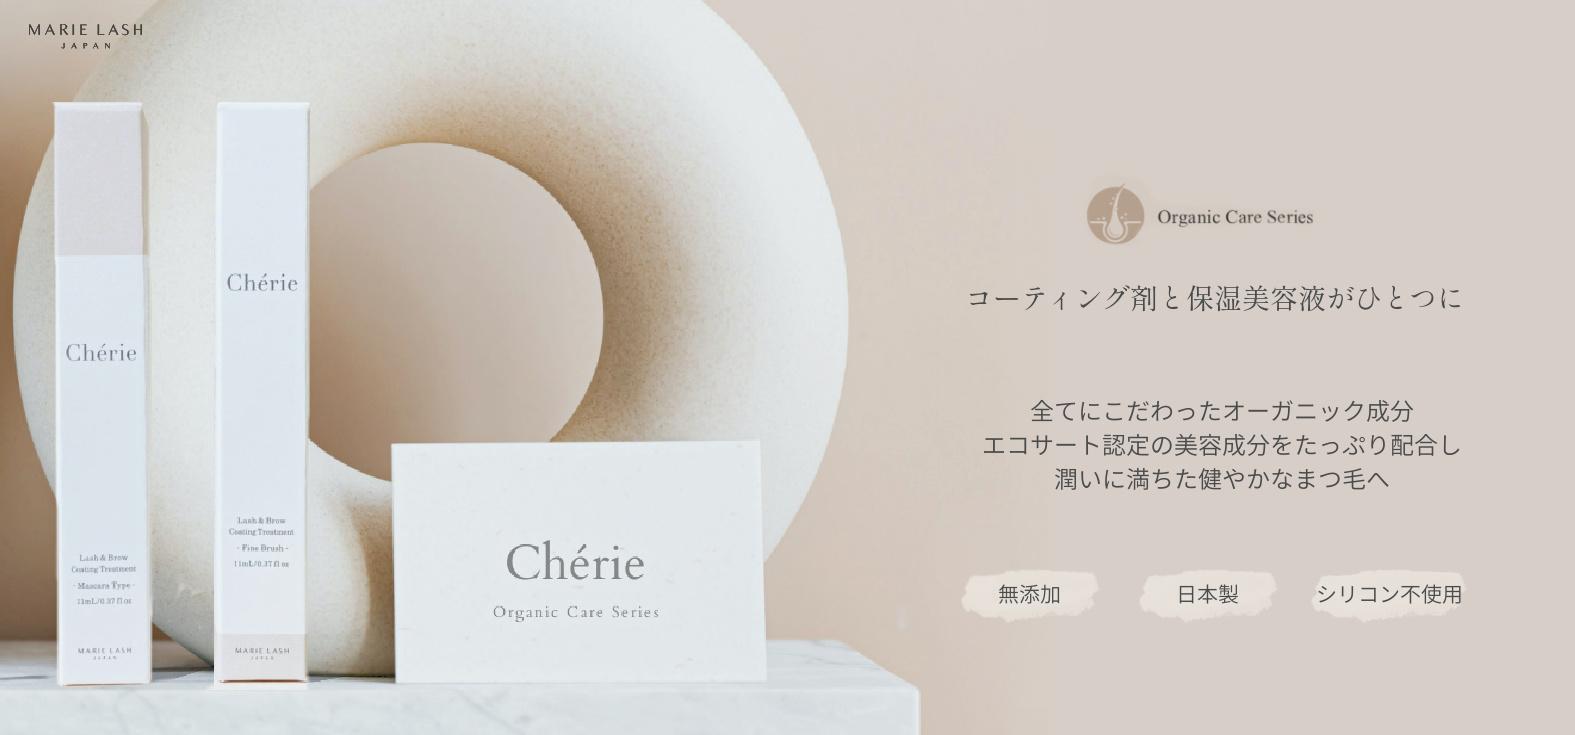 オーガニック化粧品シェリーの商品イメージ画像